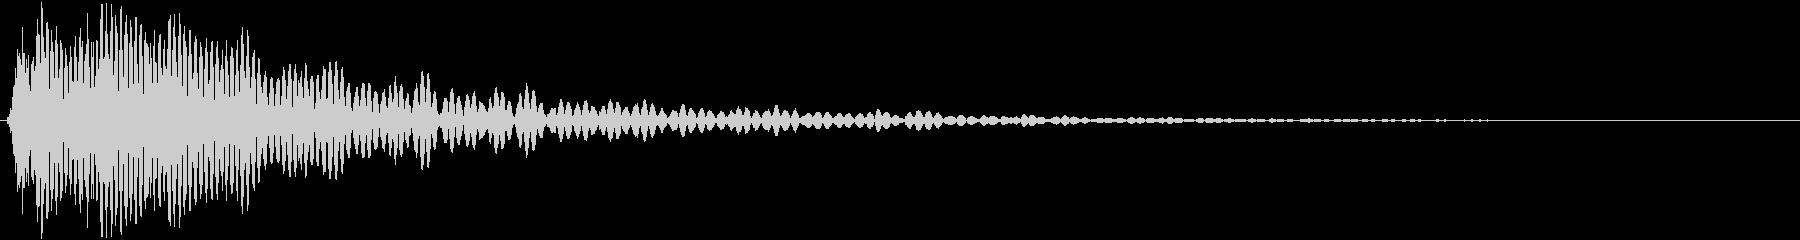 トゥルルン(ダウン キャンセル音)の未再生の波形